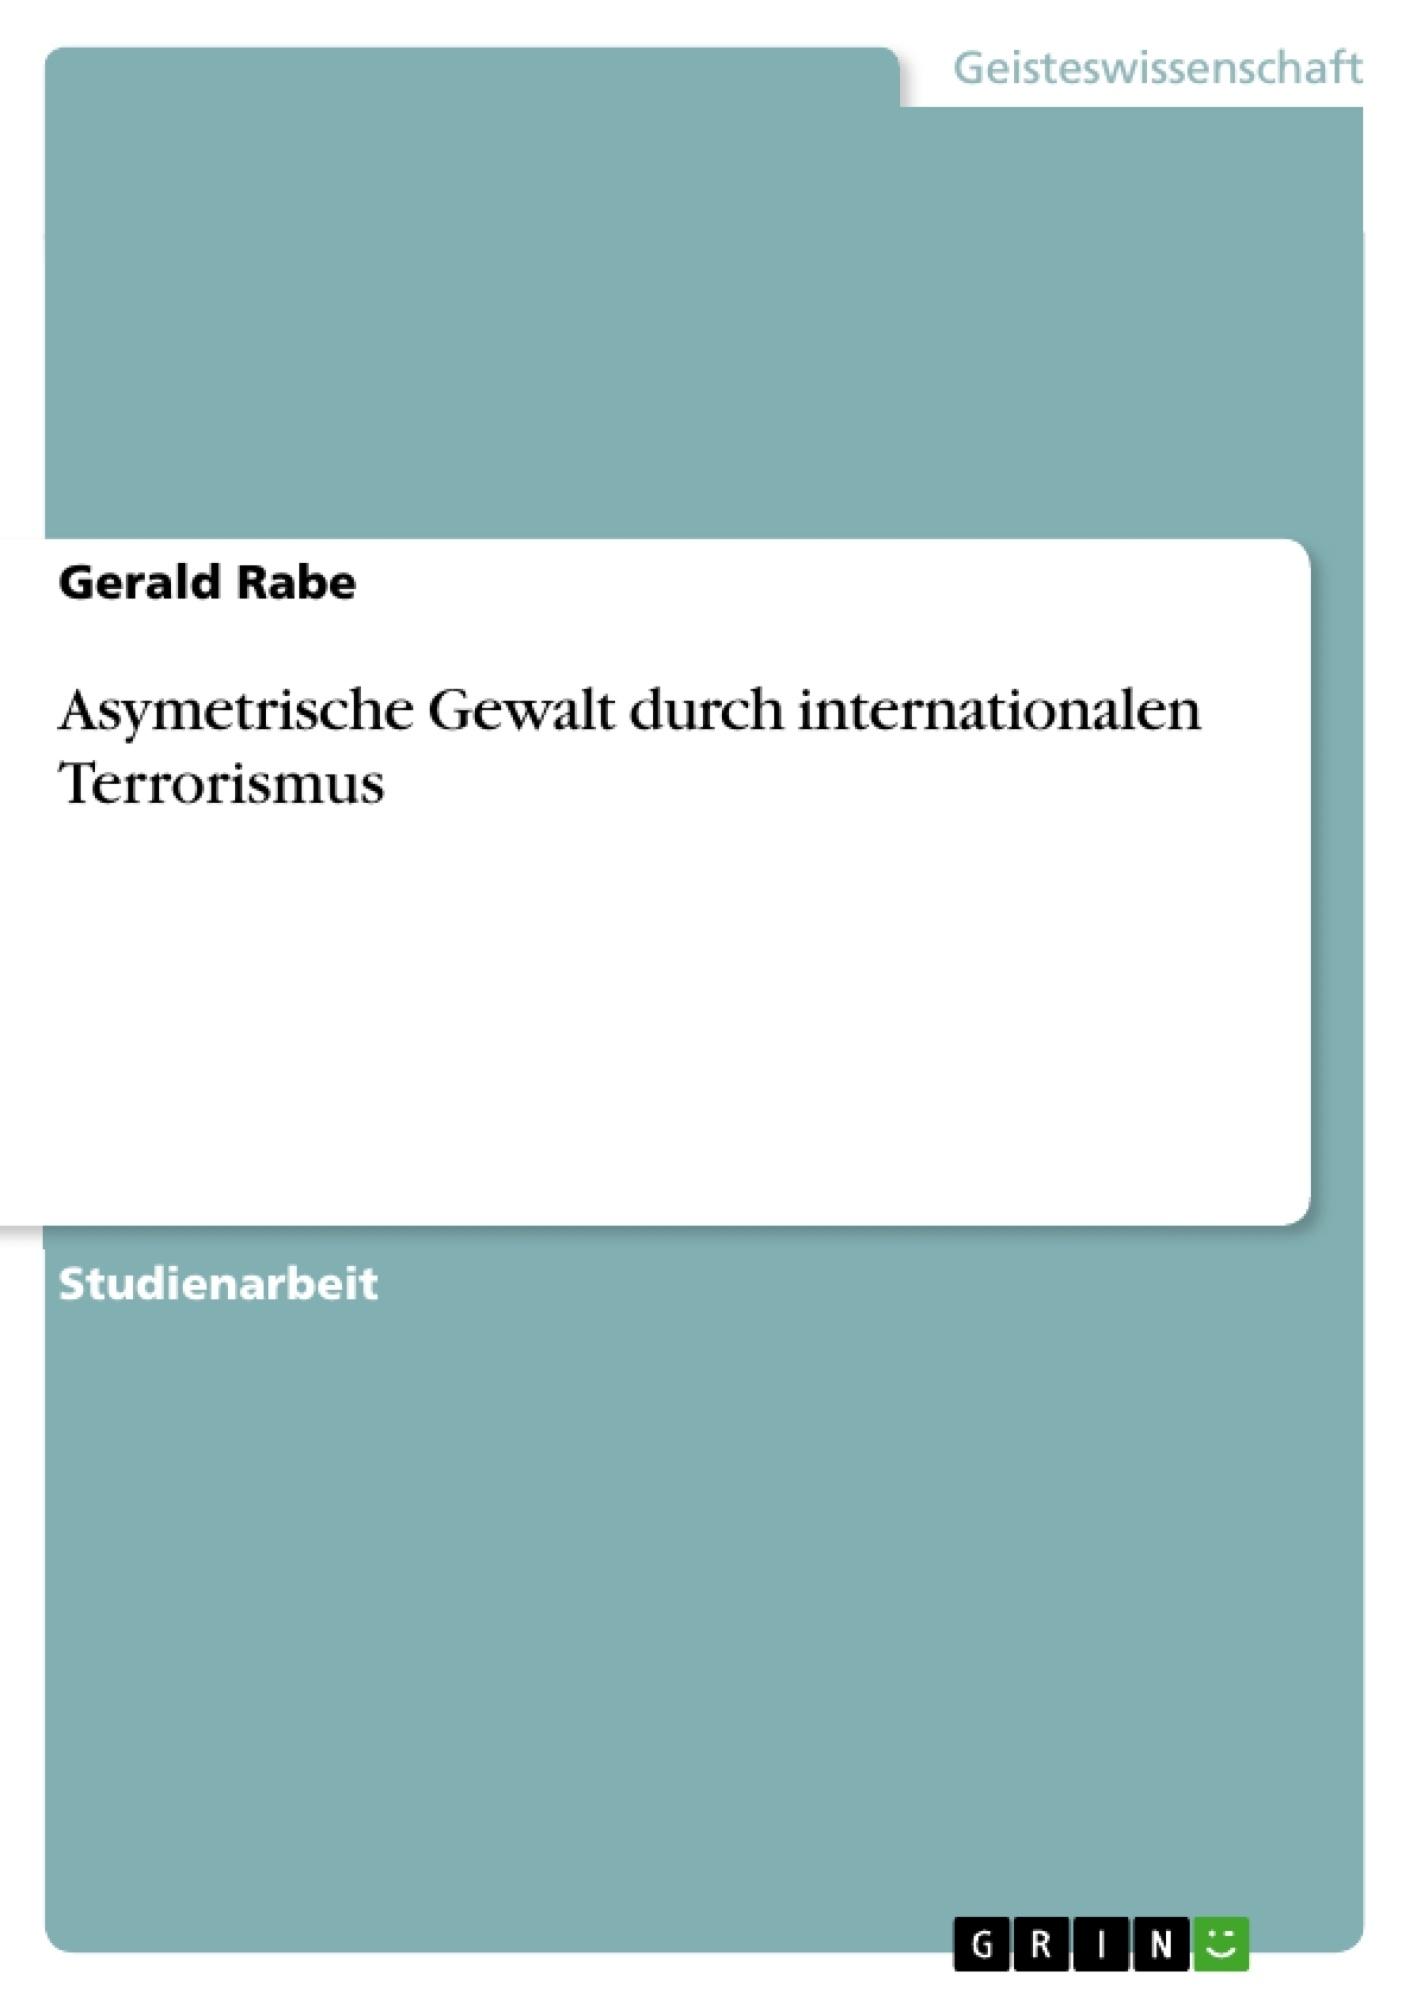 Titel: Asymetrische Gewalt durch internationalen Terrorismus